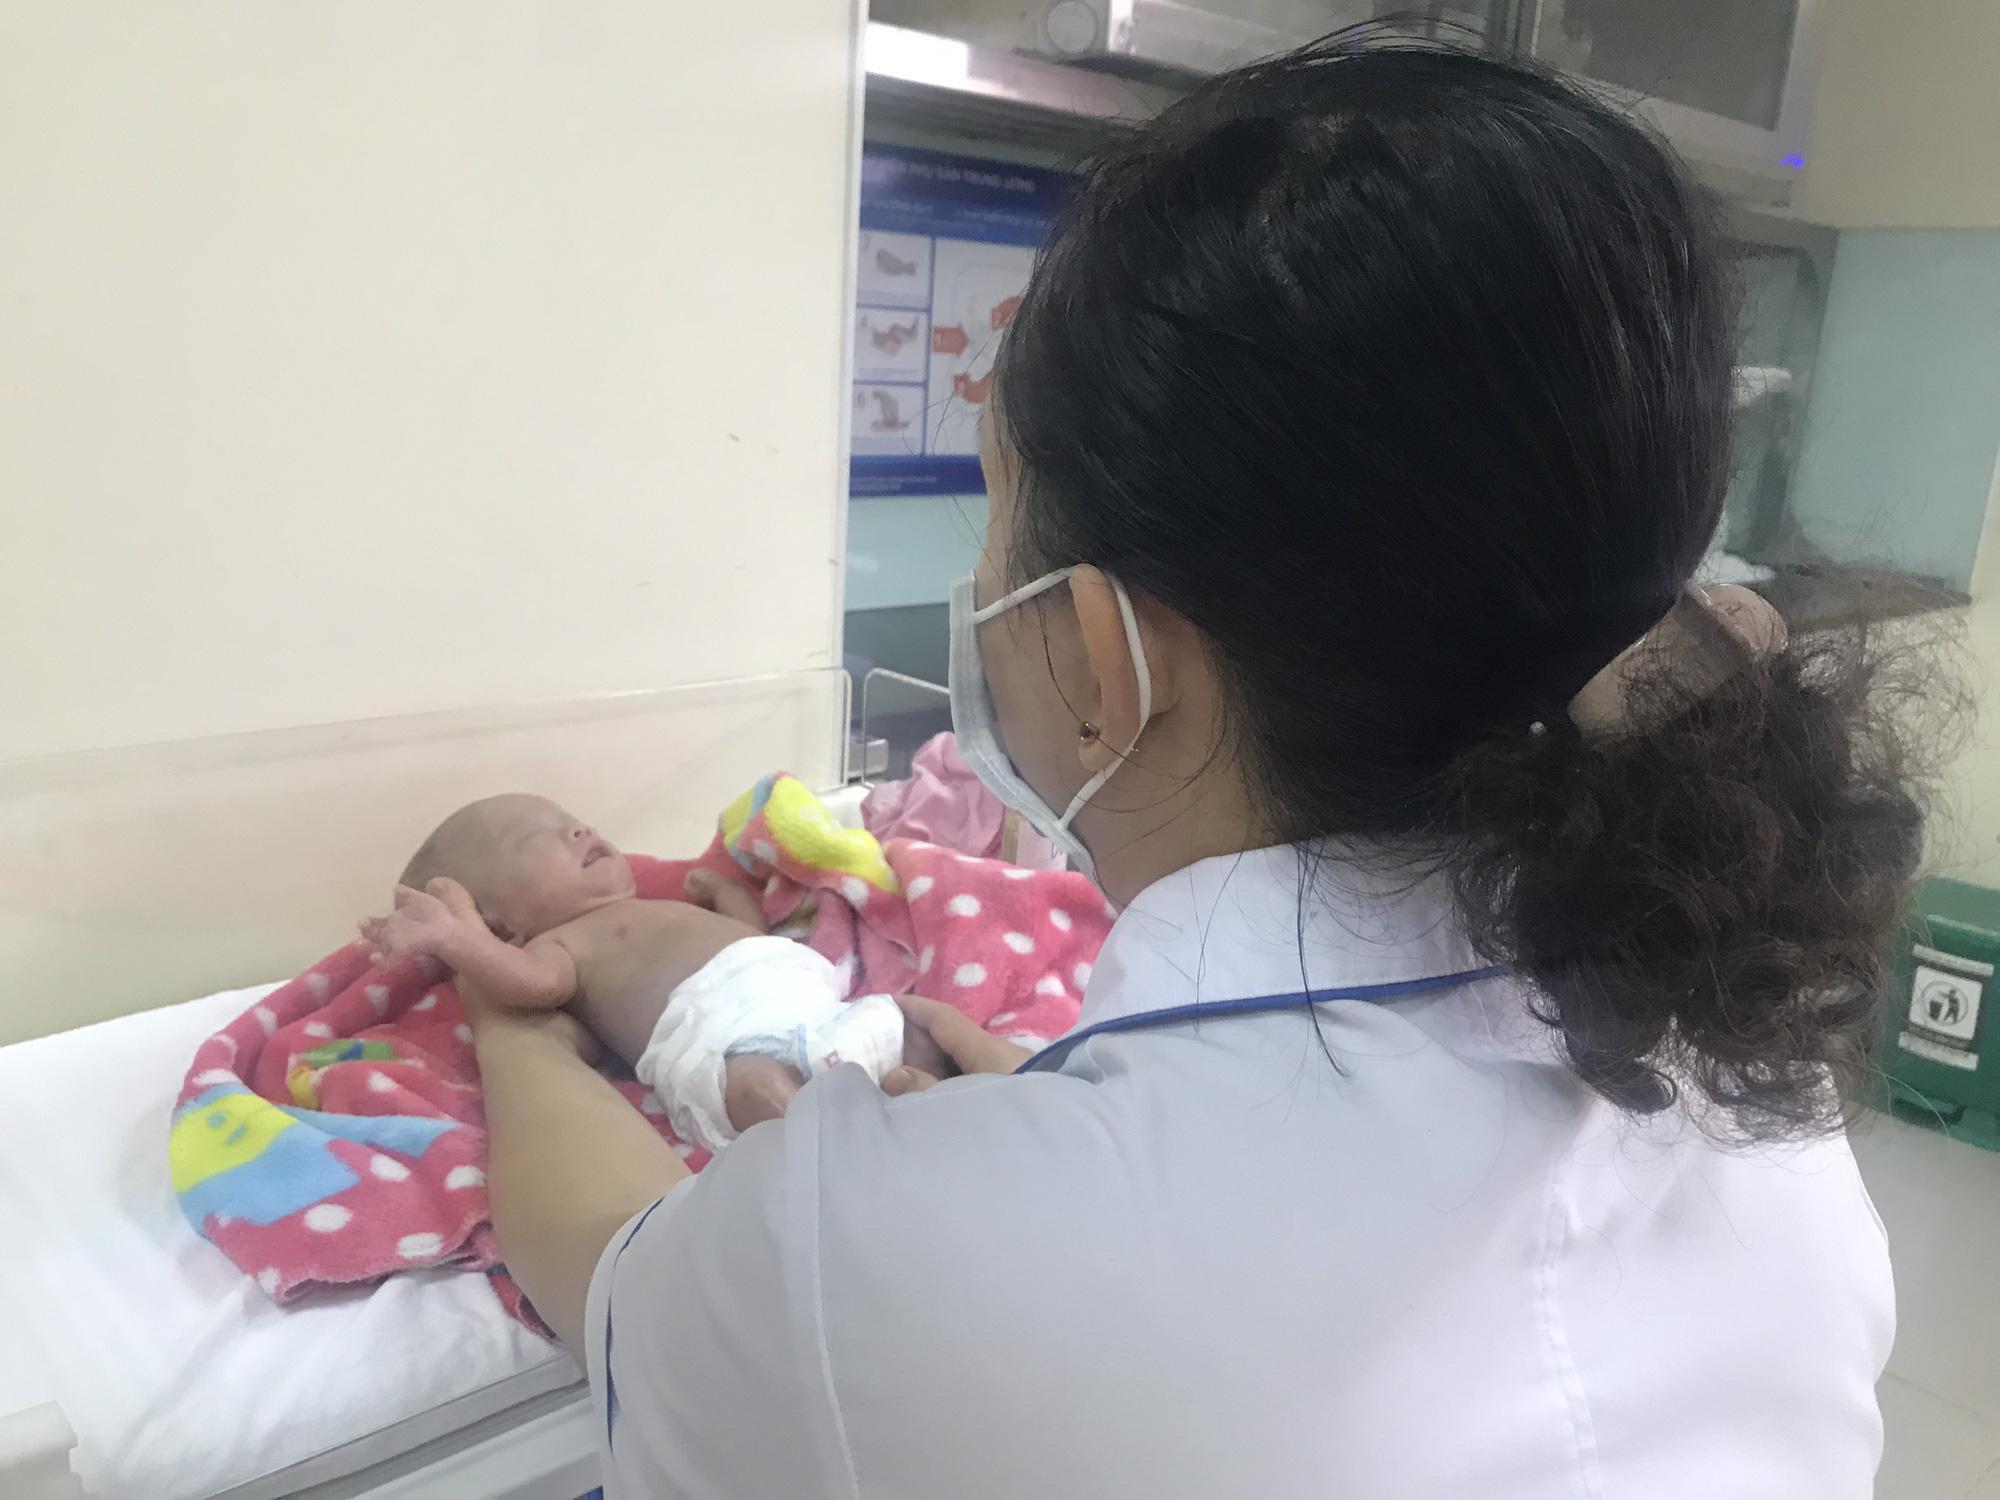 Kỳ diệu, cứu sống và nuôi dưỡng thành công trẻ sơ sinh nặng 400gram đầu tiên tại Việt Nam   - Ảnh 3.